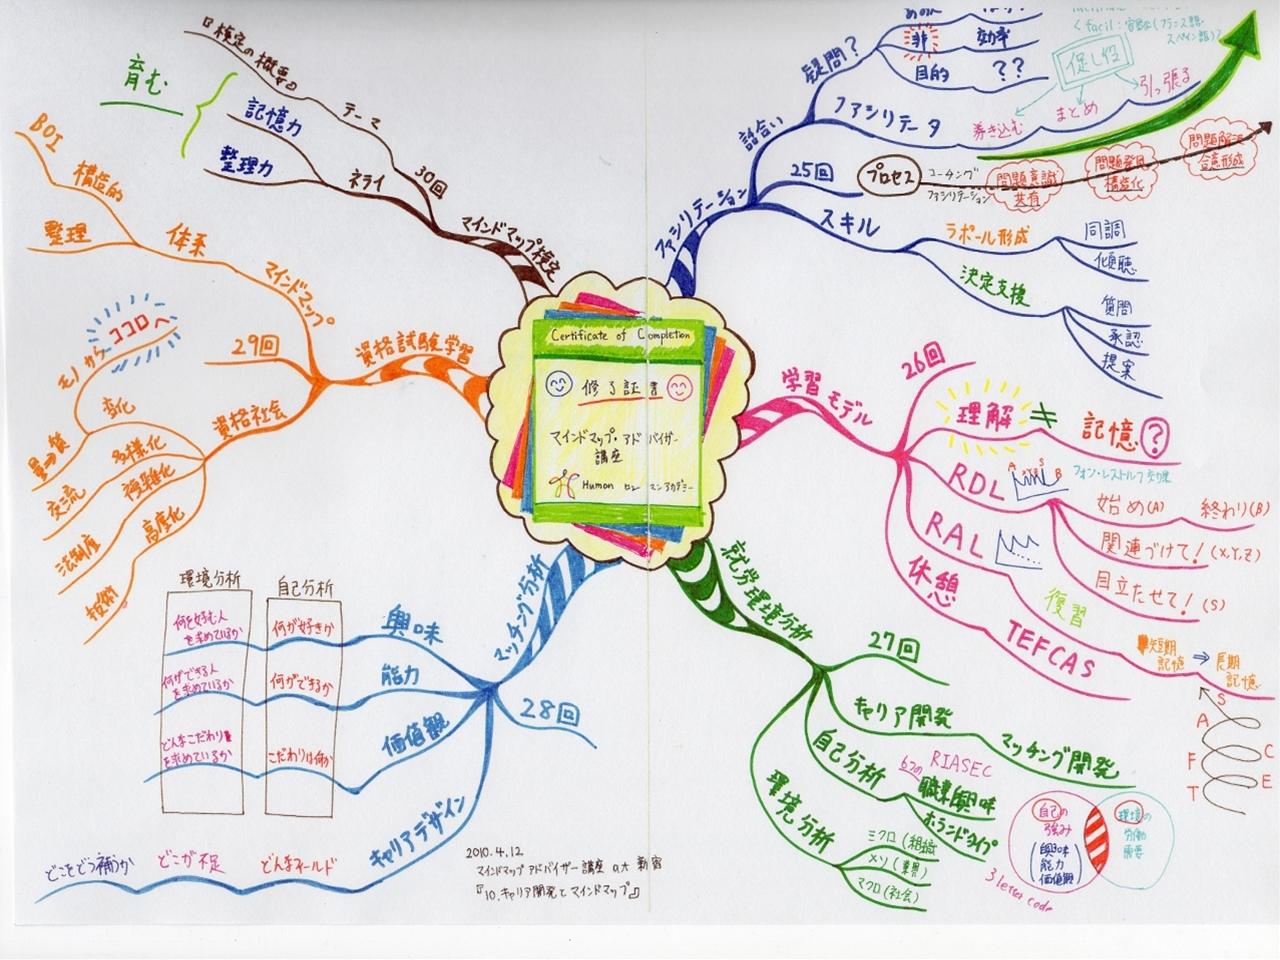 マインドマップアドバイザー講座 at 新宿 『10.キャリア開発とマインドマップ』